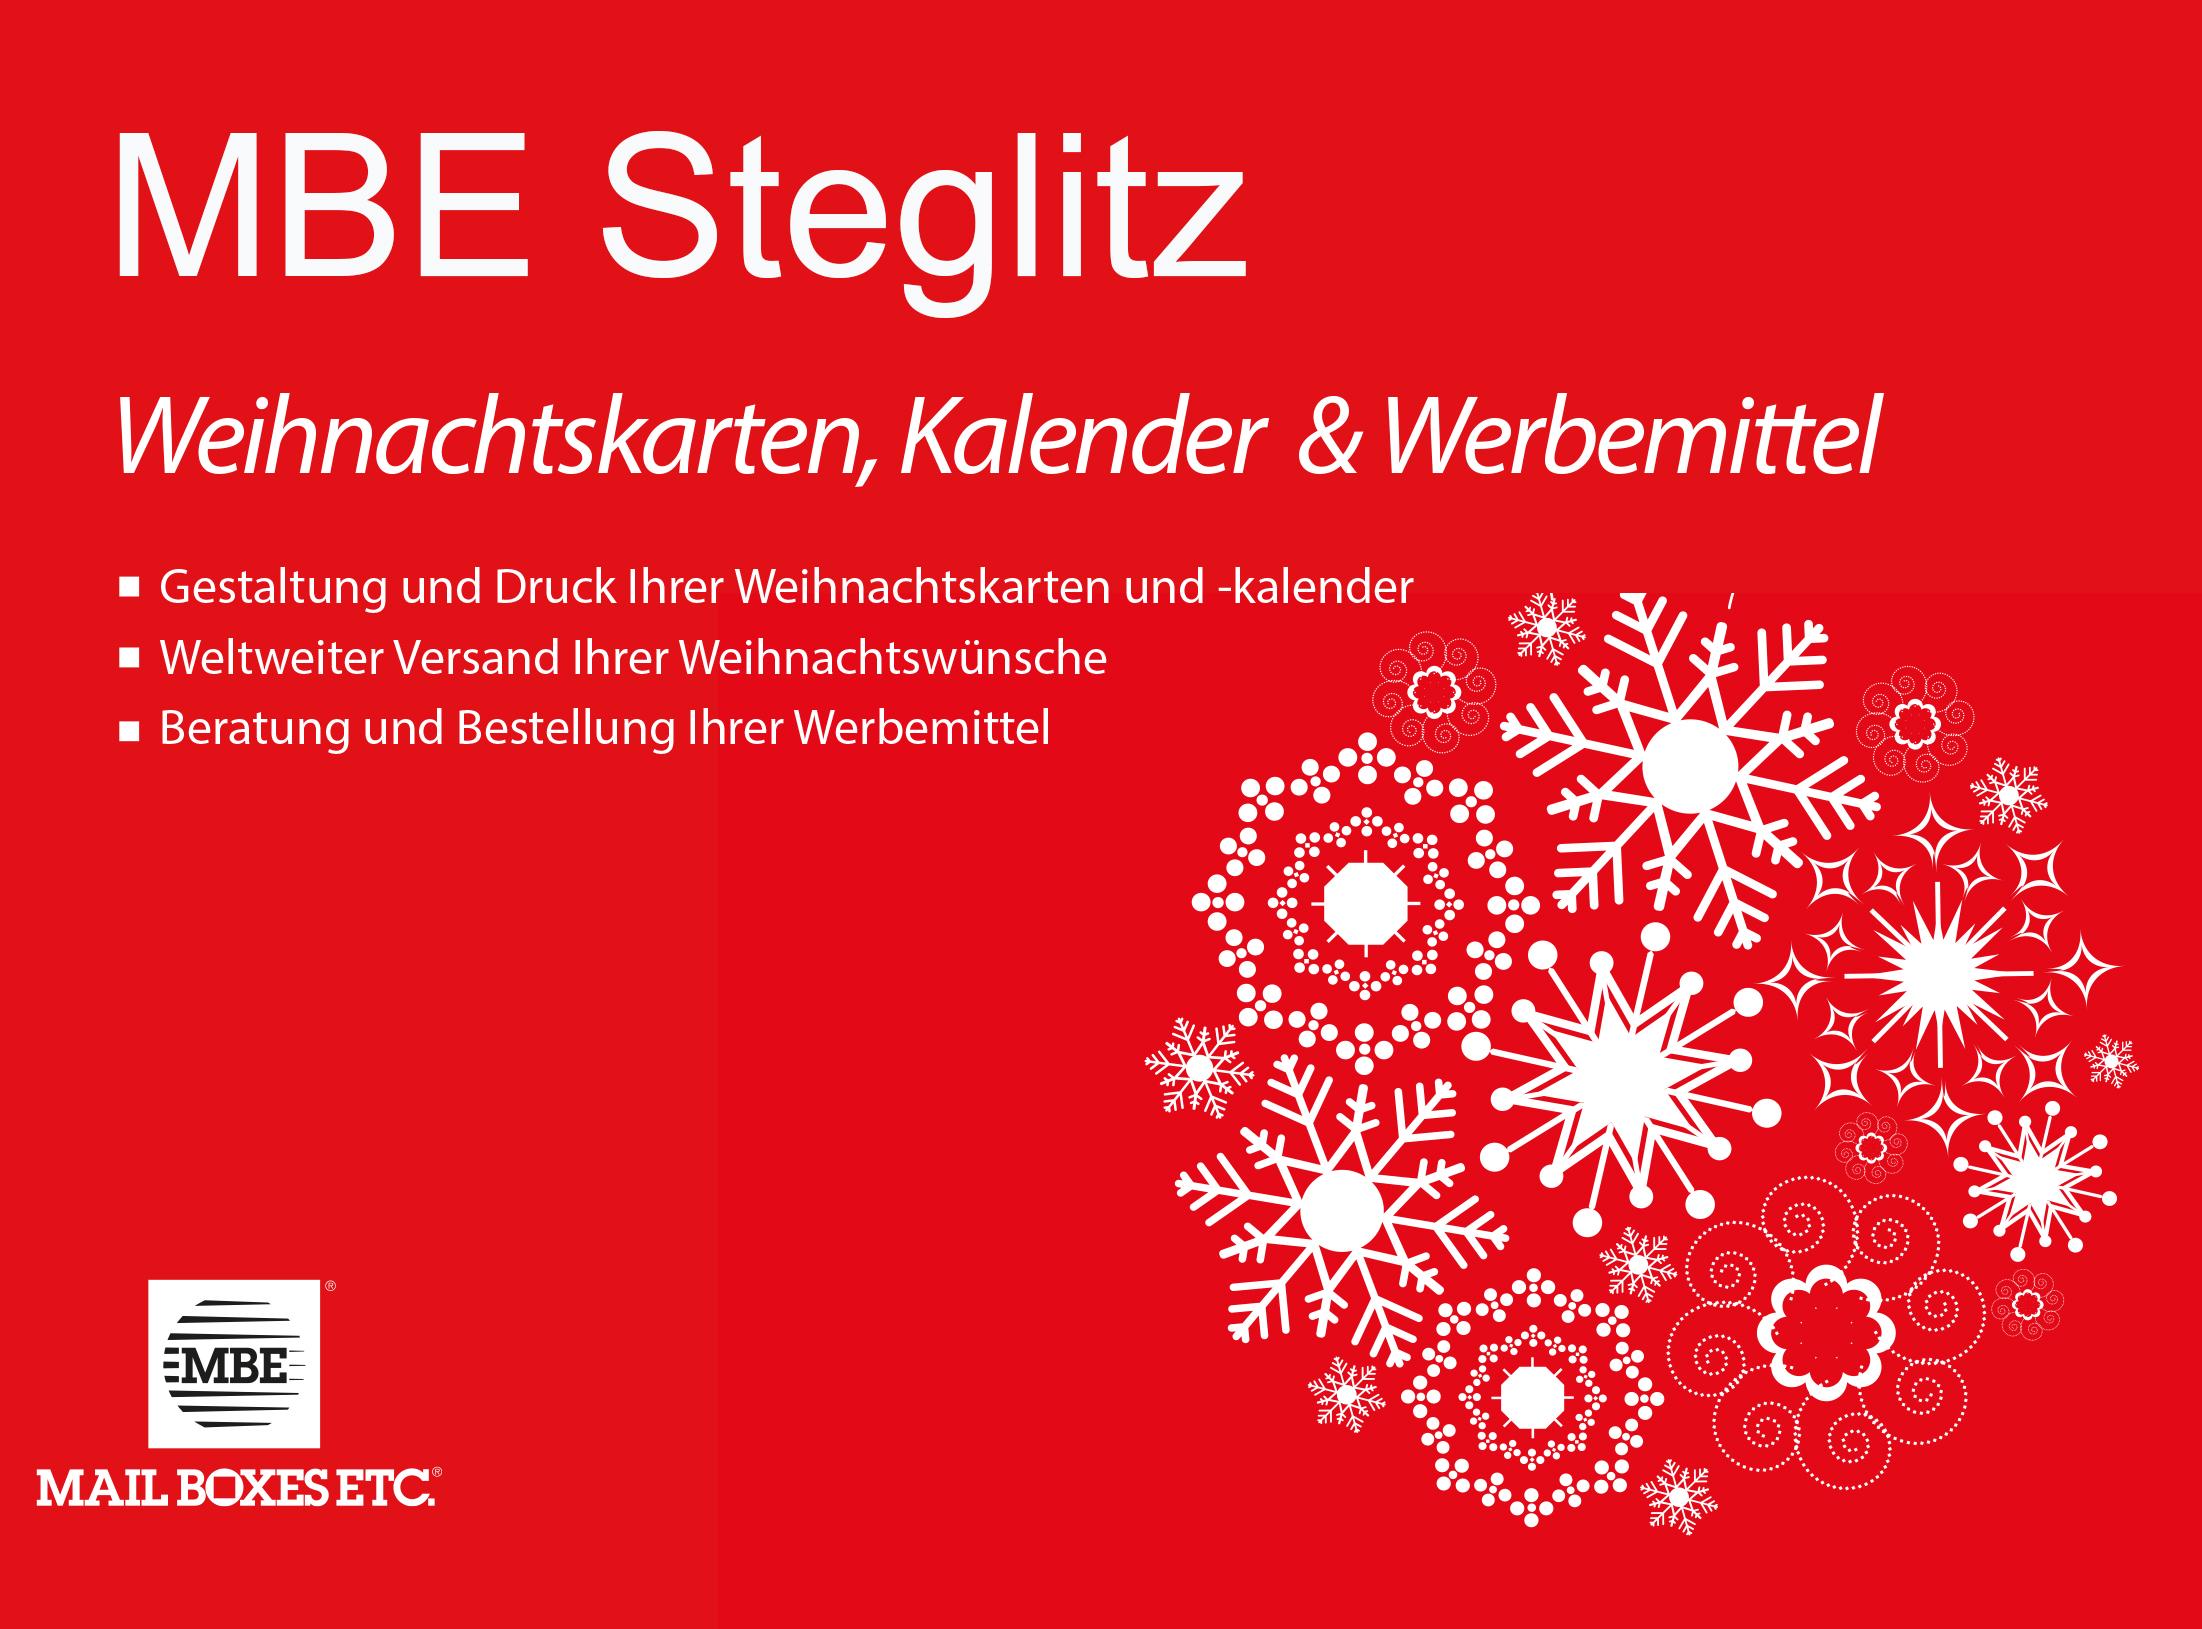 weihnachten grafik und druckservice in berlin steglitz. Black Bedroom Furniture Sets. Home Design Ideas